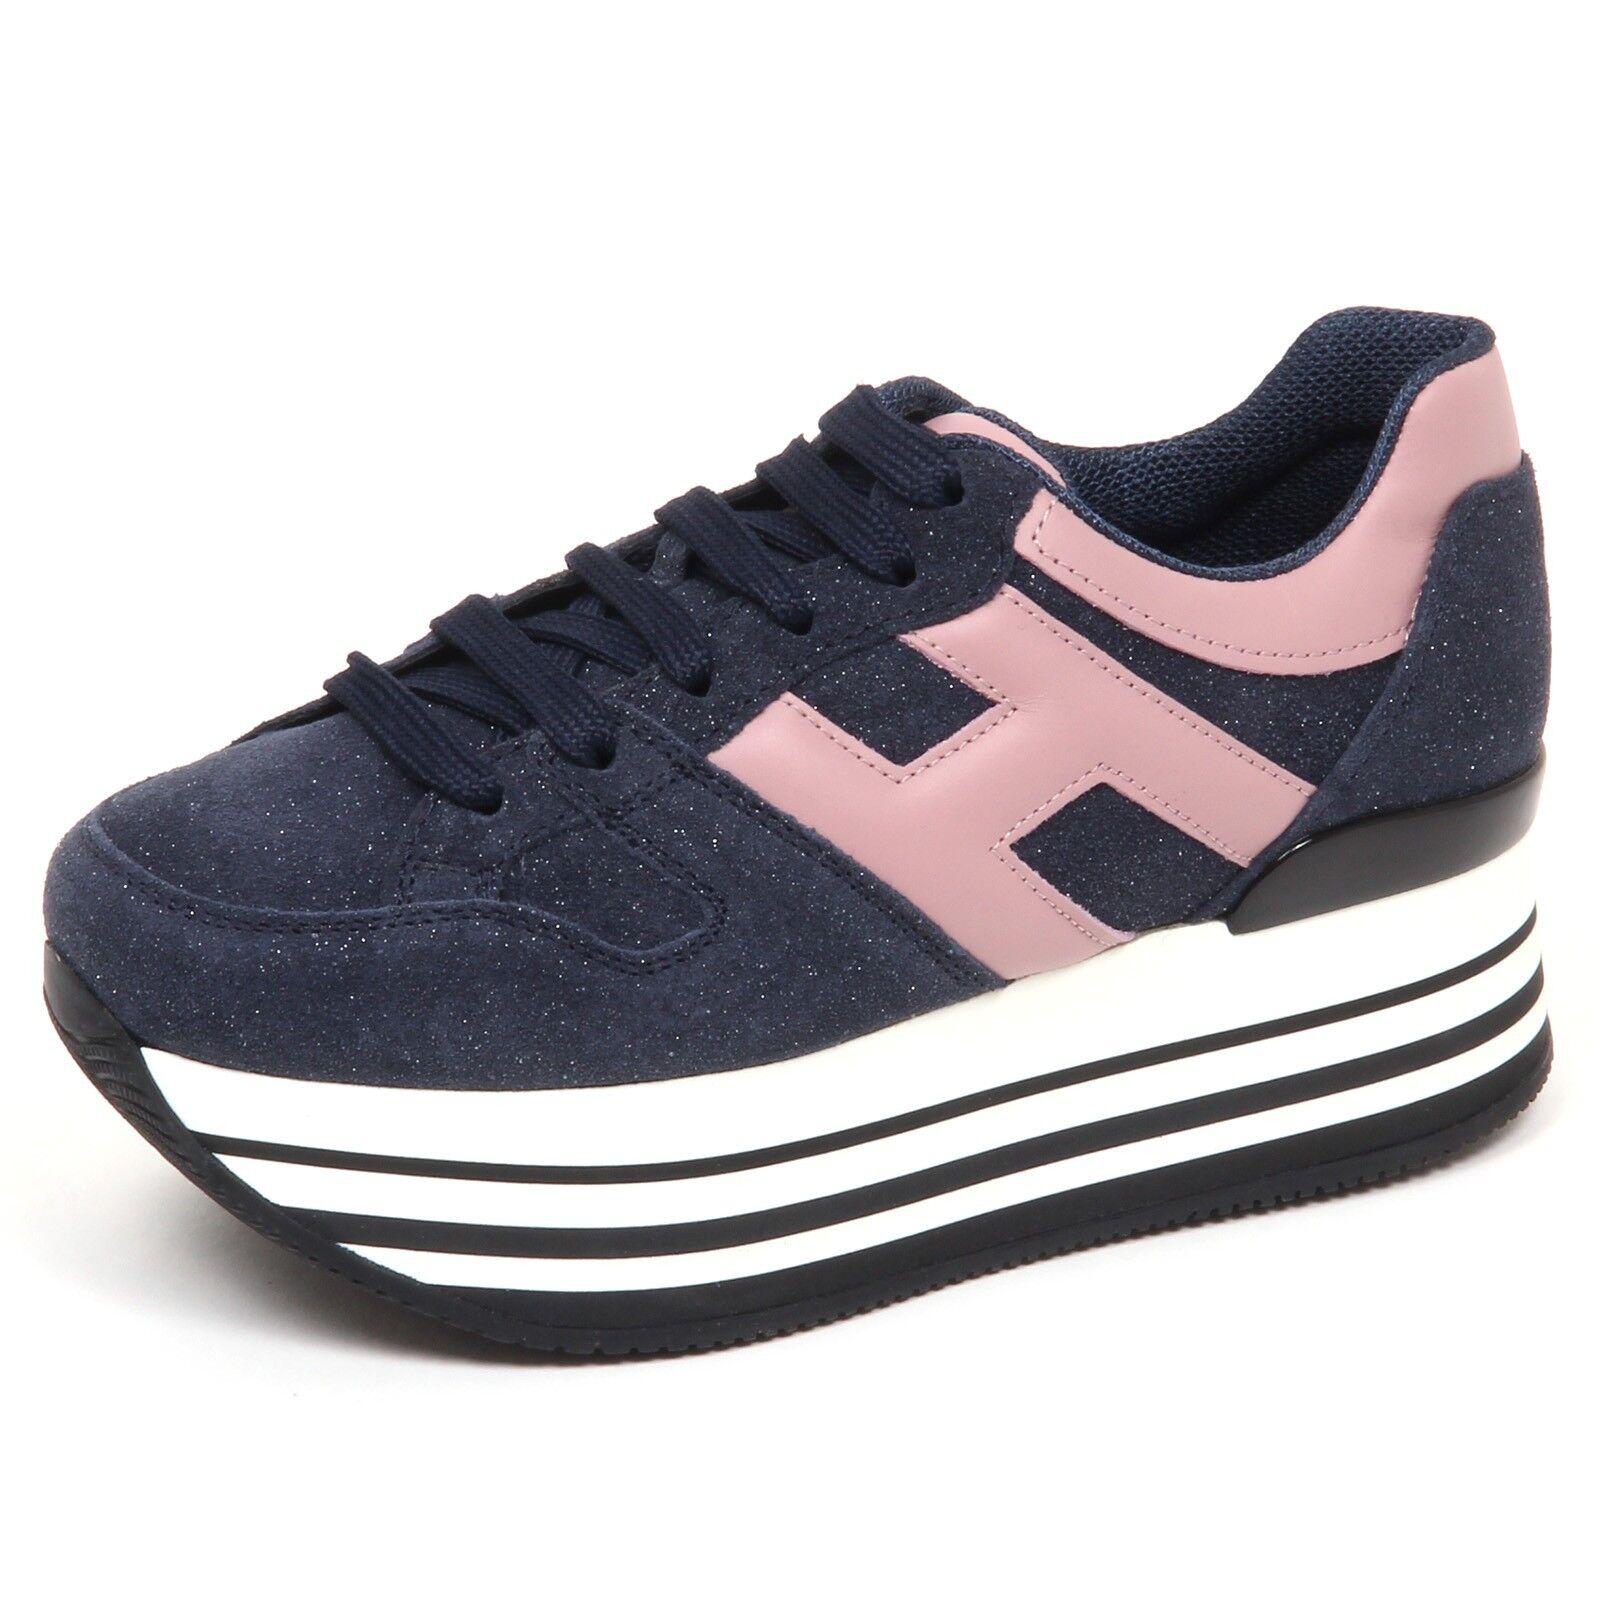 E0254 tenis mujer azul Hogan H283 Maxi 222 222 222 H Grande Zapato Mujer  tienda en linea